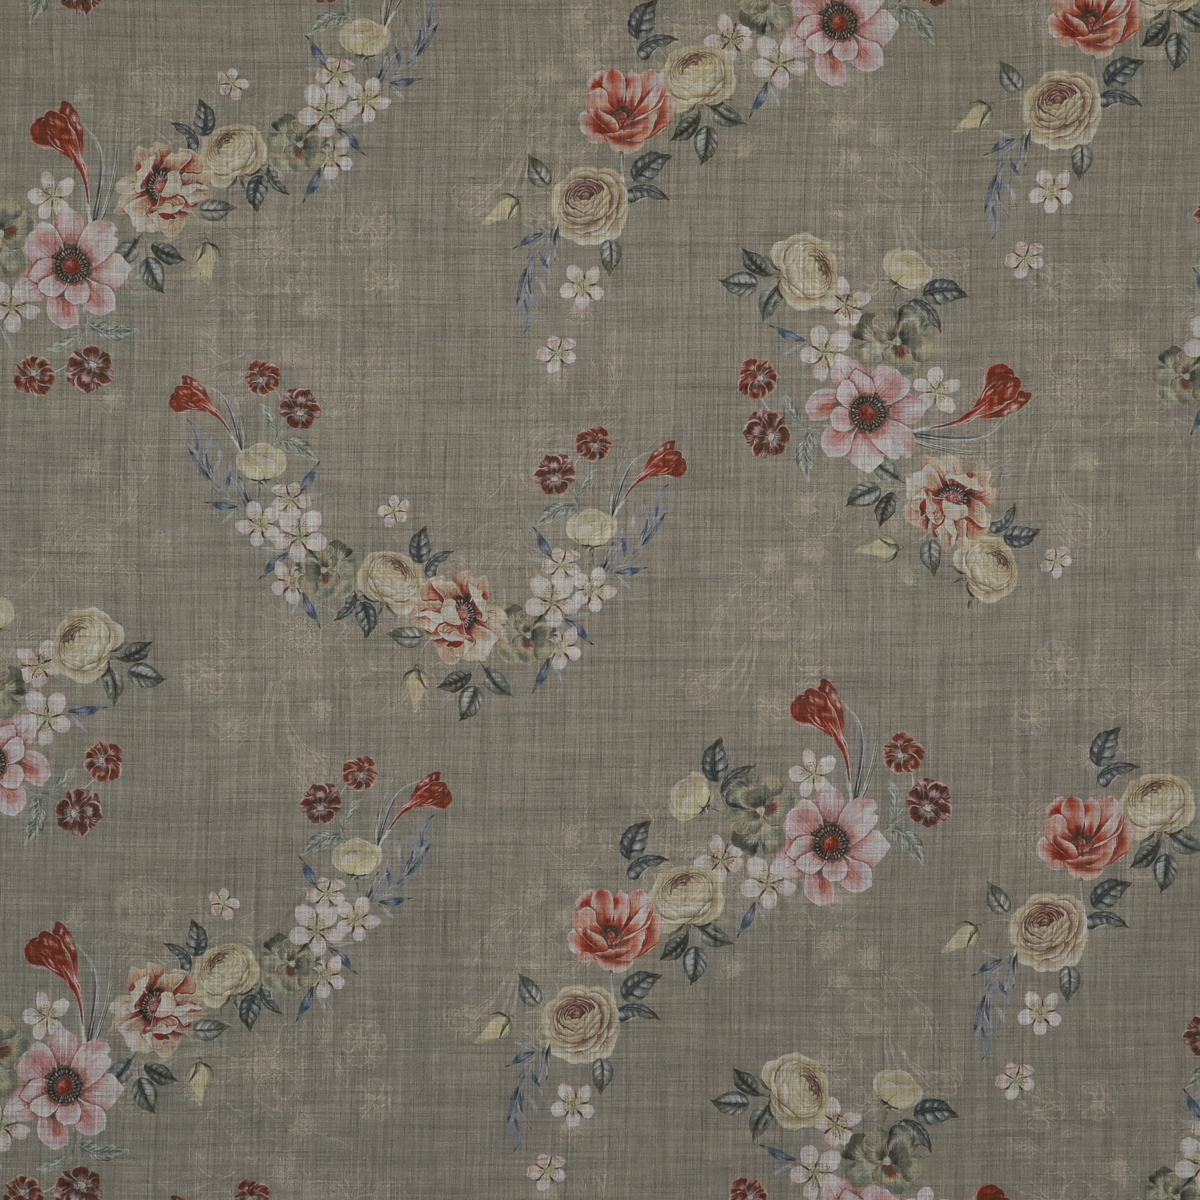 Тонкая шерстяная ткань натурального оттенка с цветами